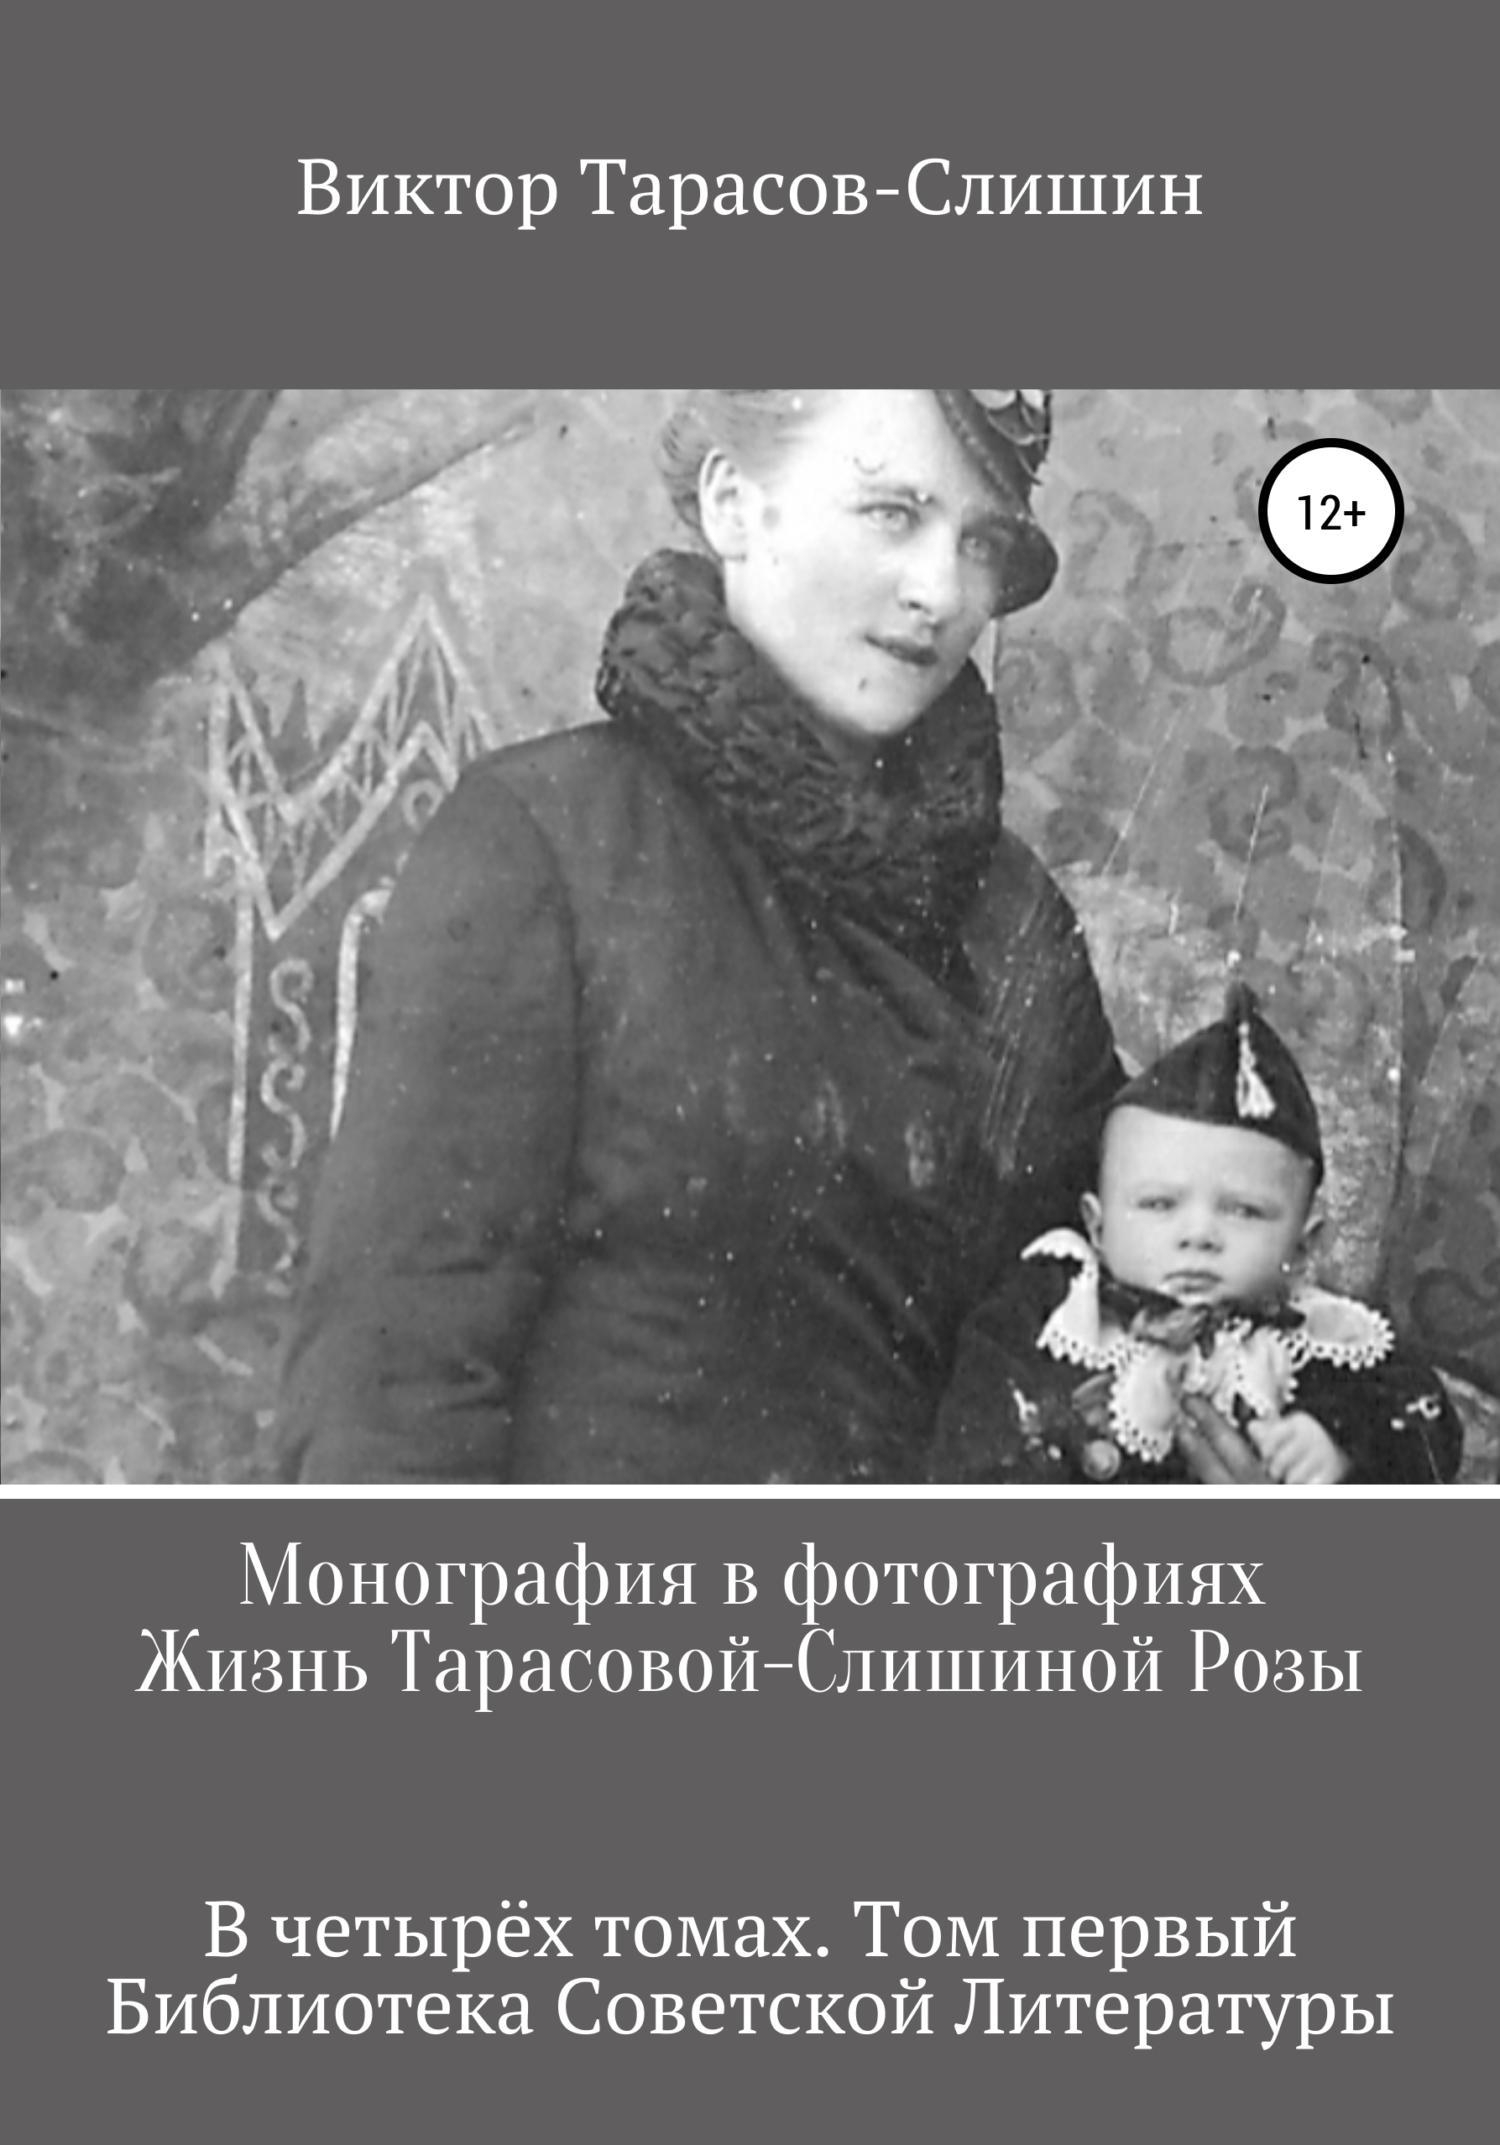 Монография в фотографиях. Жизнь Тарасовой-Слишиной Розы. В четырёх томах. Том первый